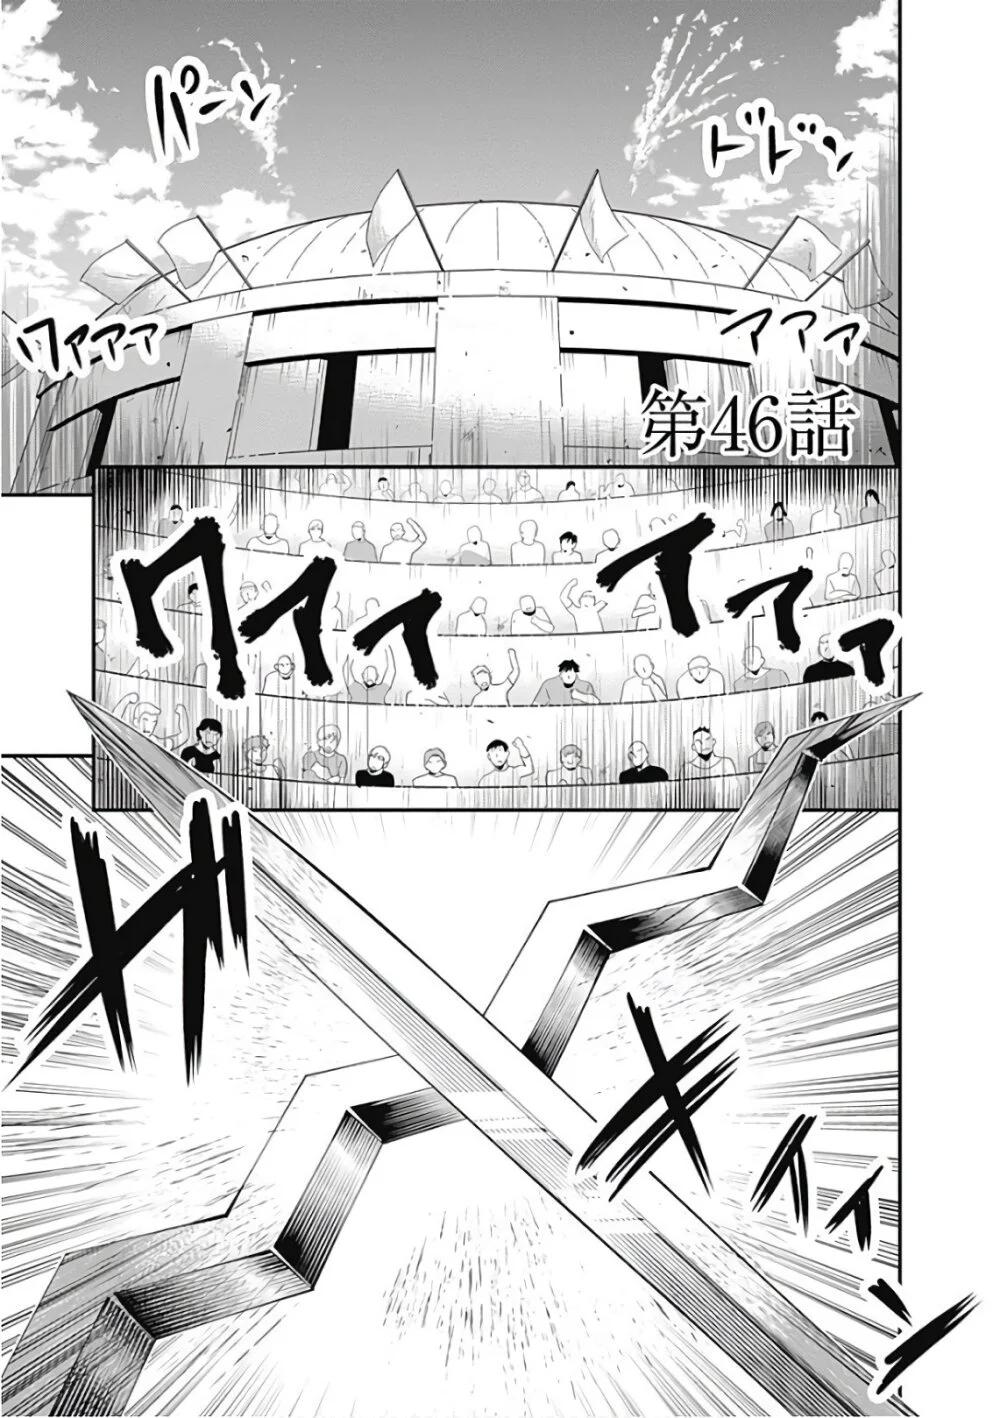 อ่านการ์ตูน Jichou shinai Motoyuusha no Tsuyokute Tanoshii New Game ตอนที่ 46 หน้าที่ 1